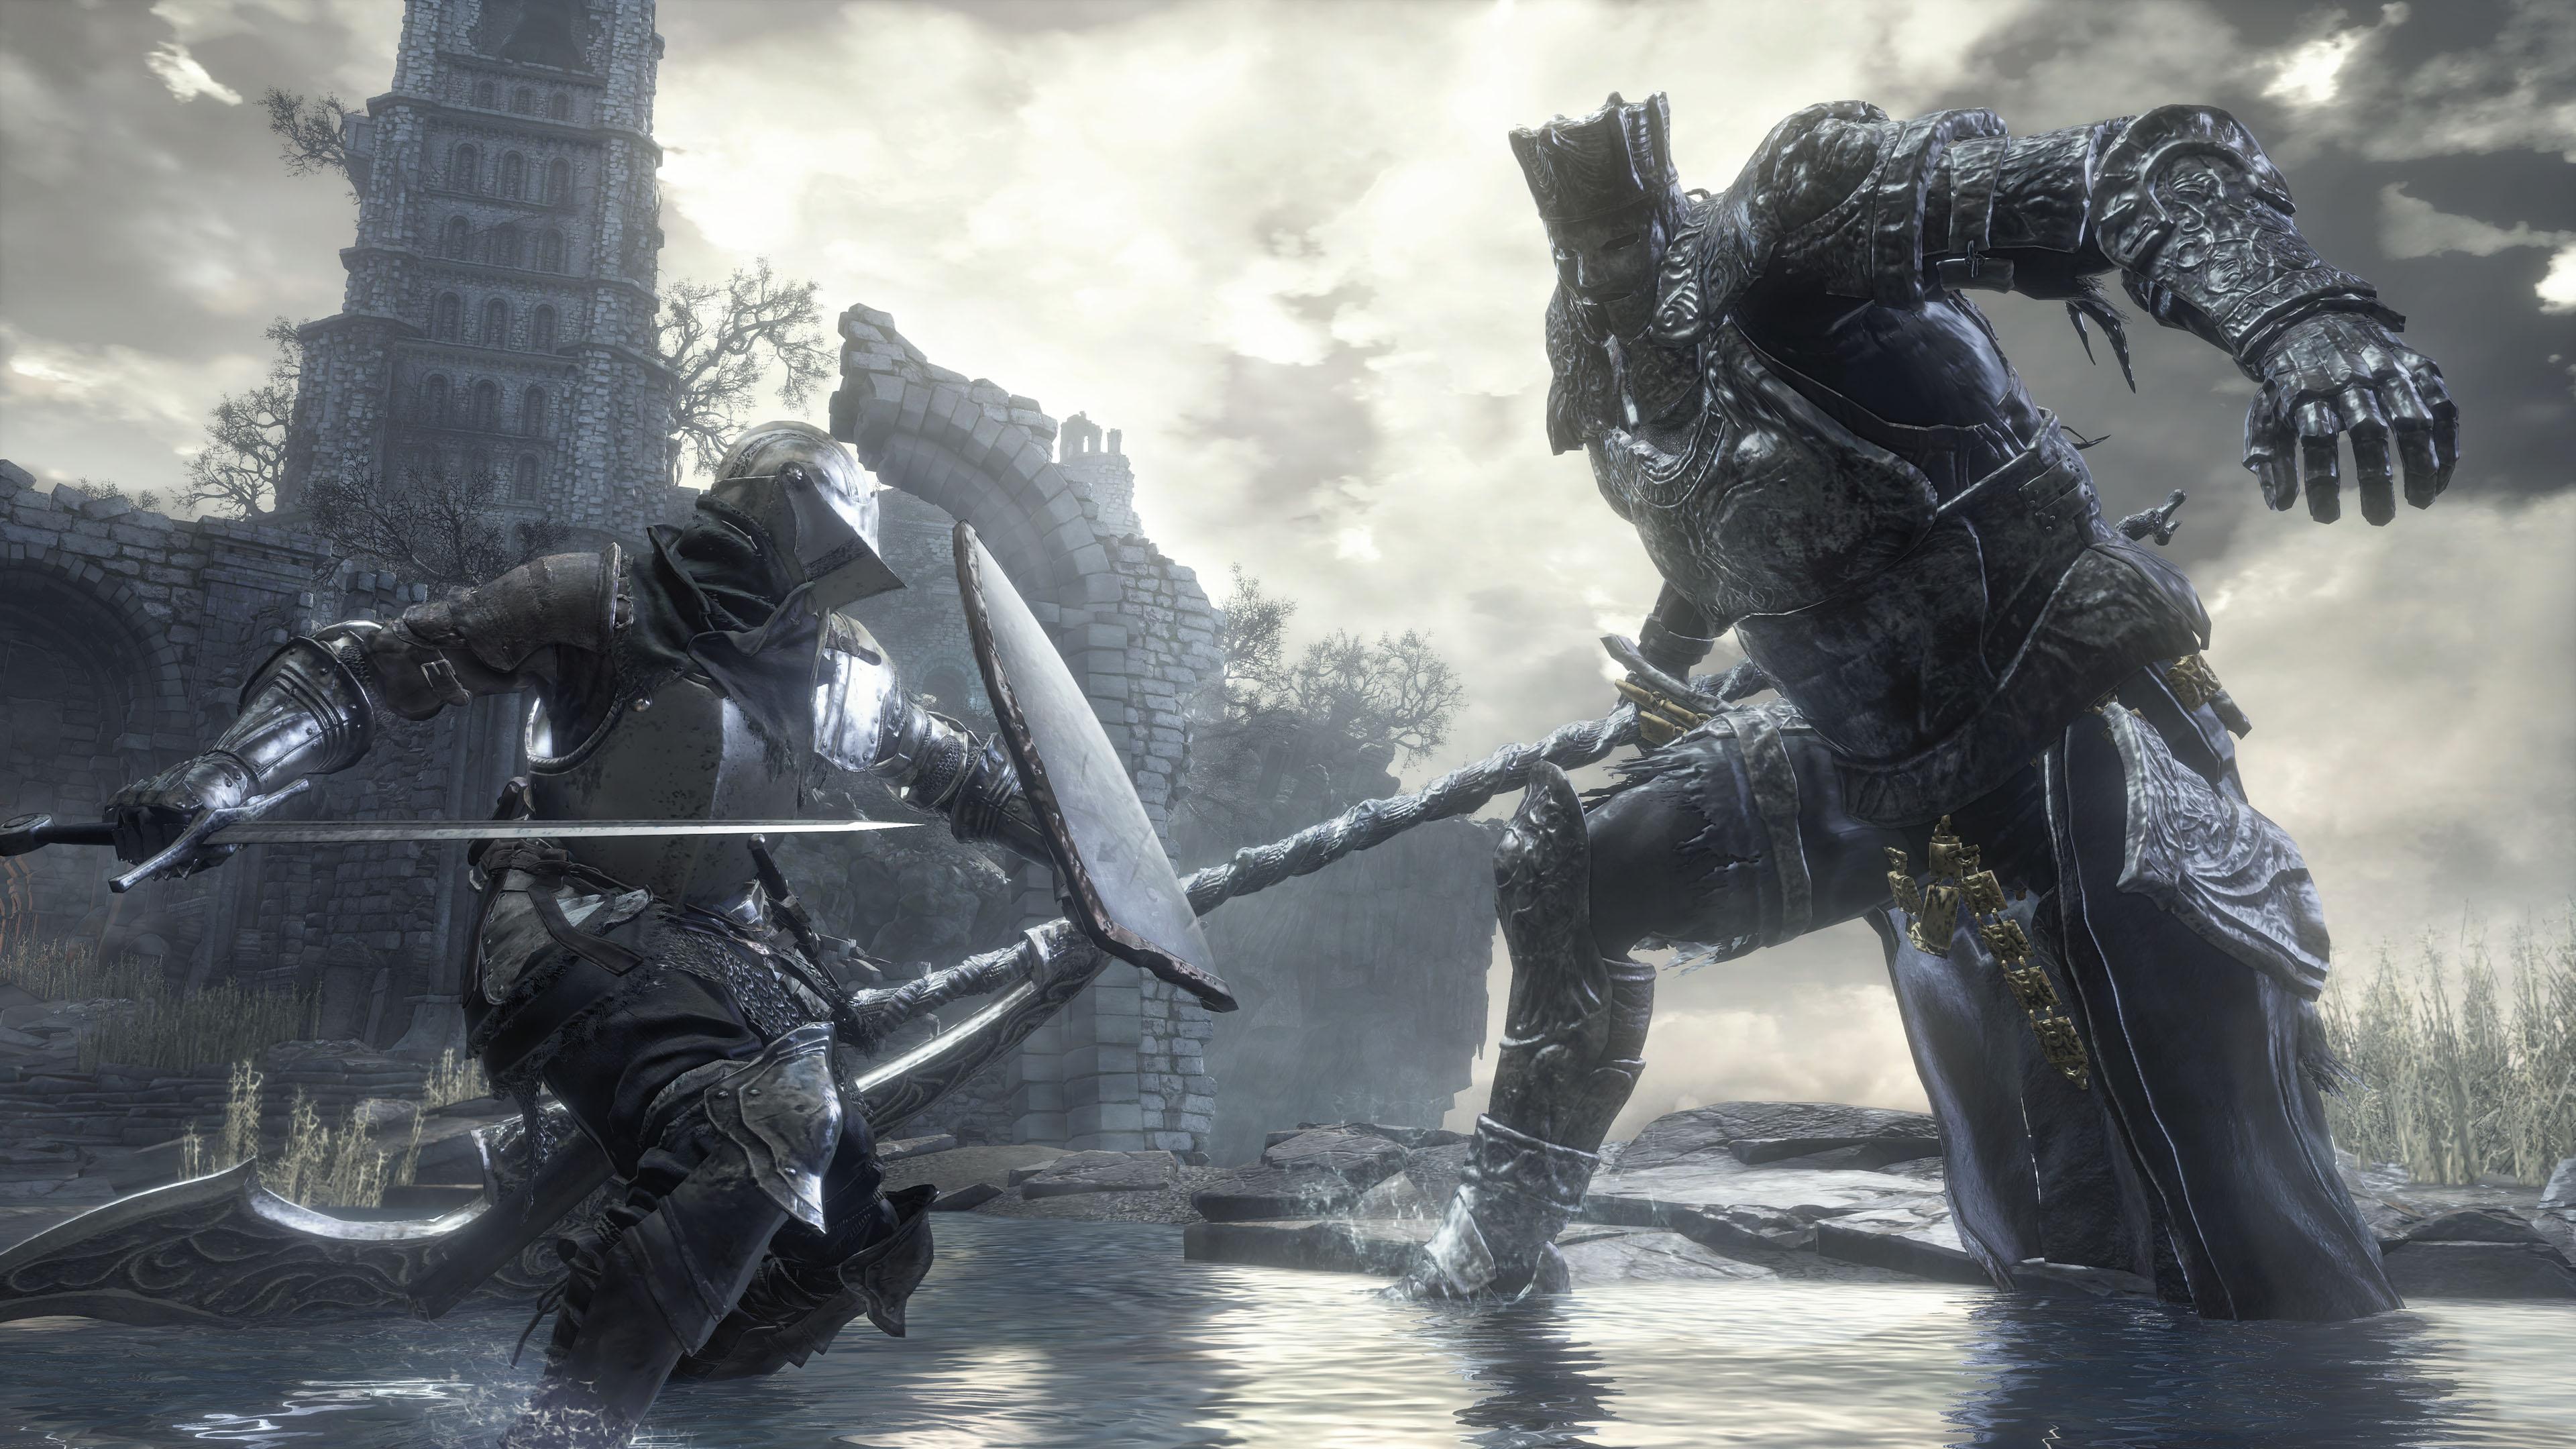 [Top 5] 5 Melhores Jogos de 2016 que estão bombando Dark_souls_3_hr_gundyr_battles_player